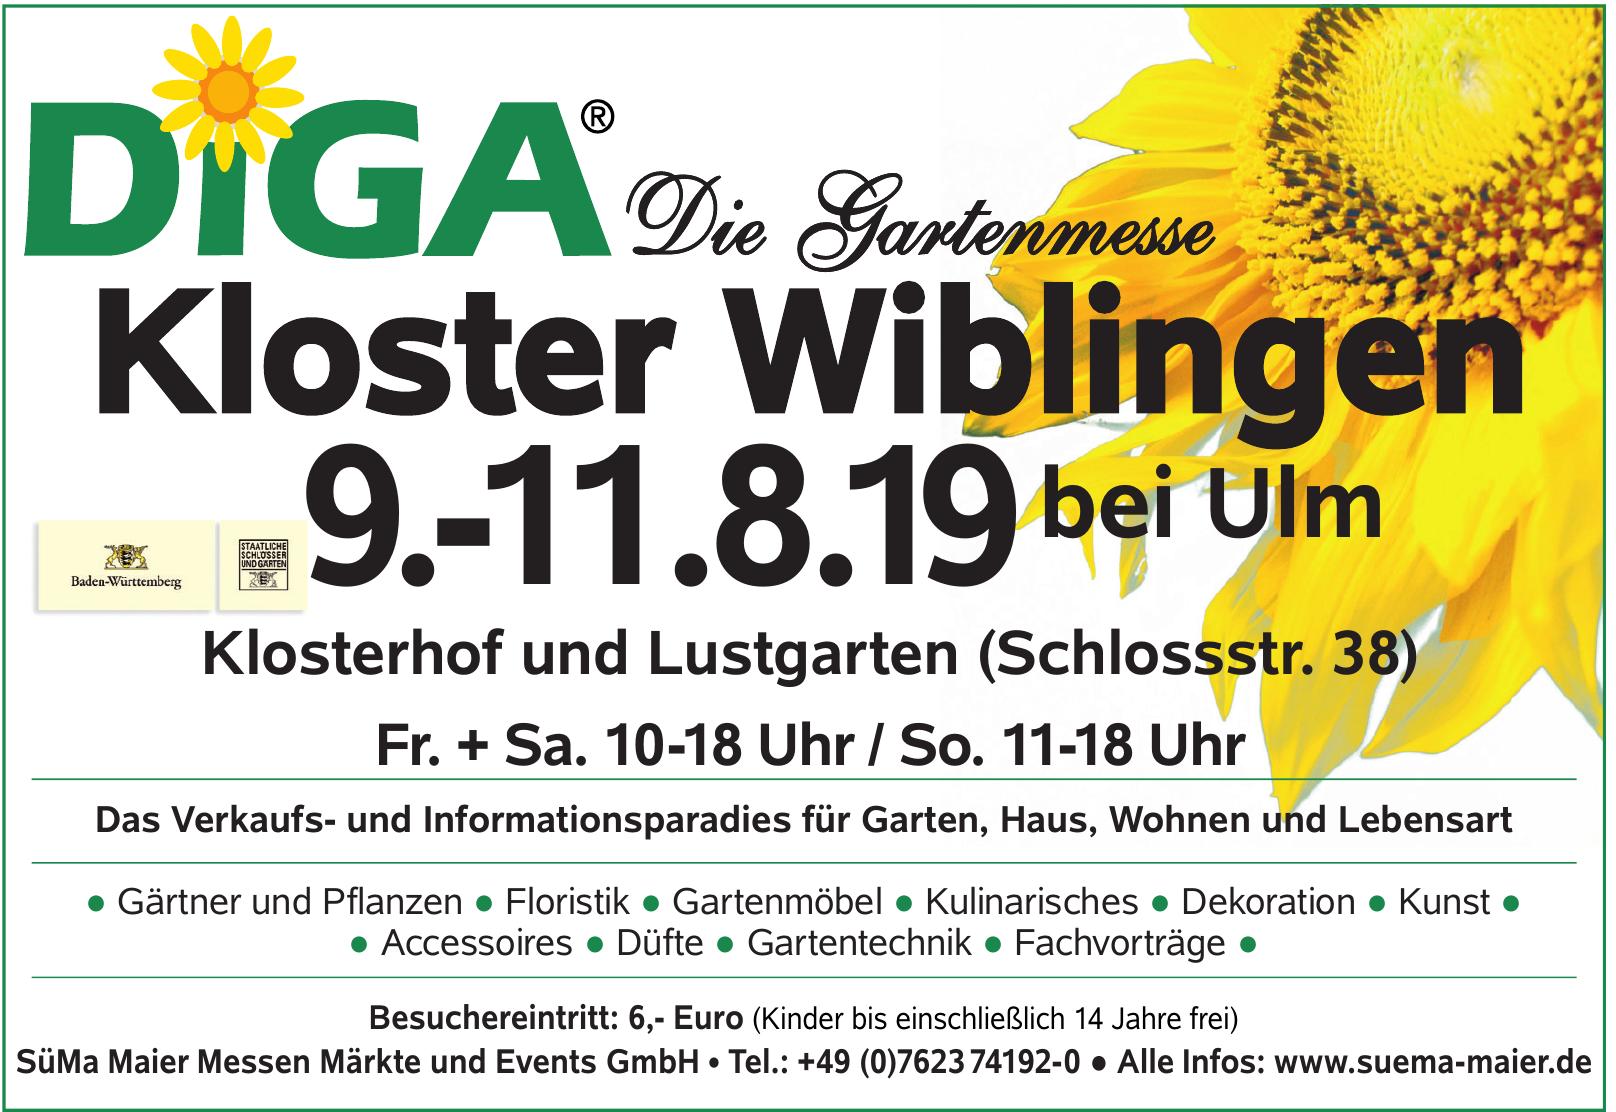 SüMa Maier Messen Märkte und Events GmbH